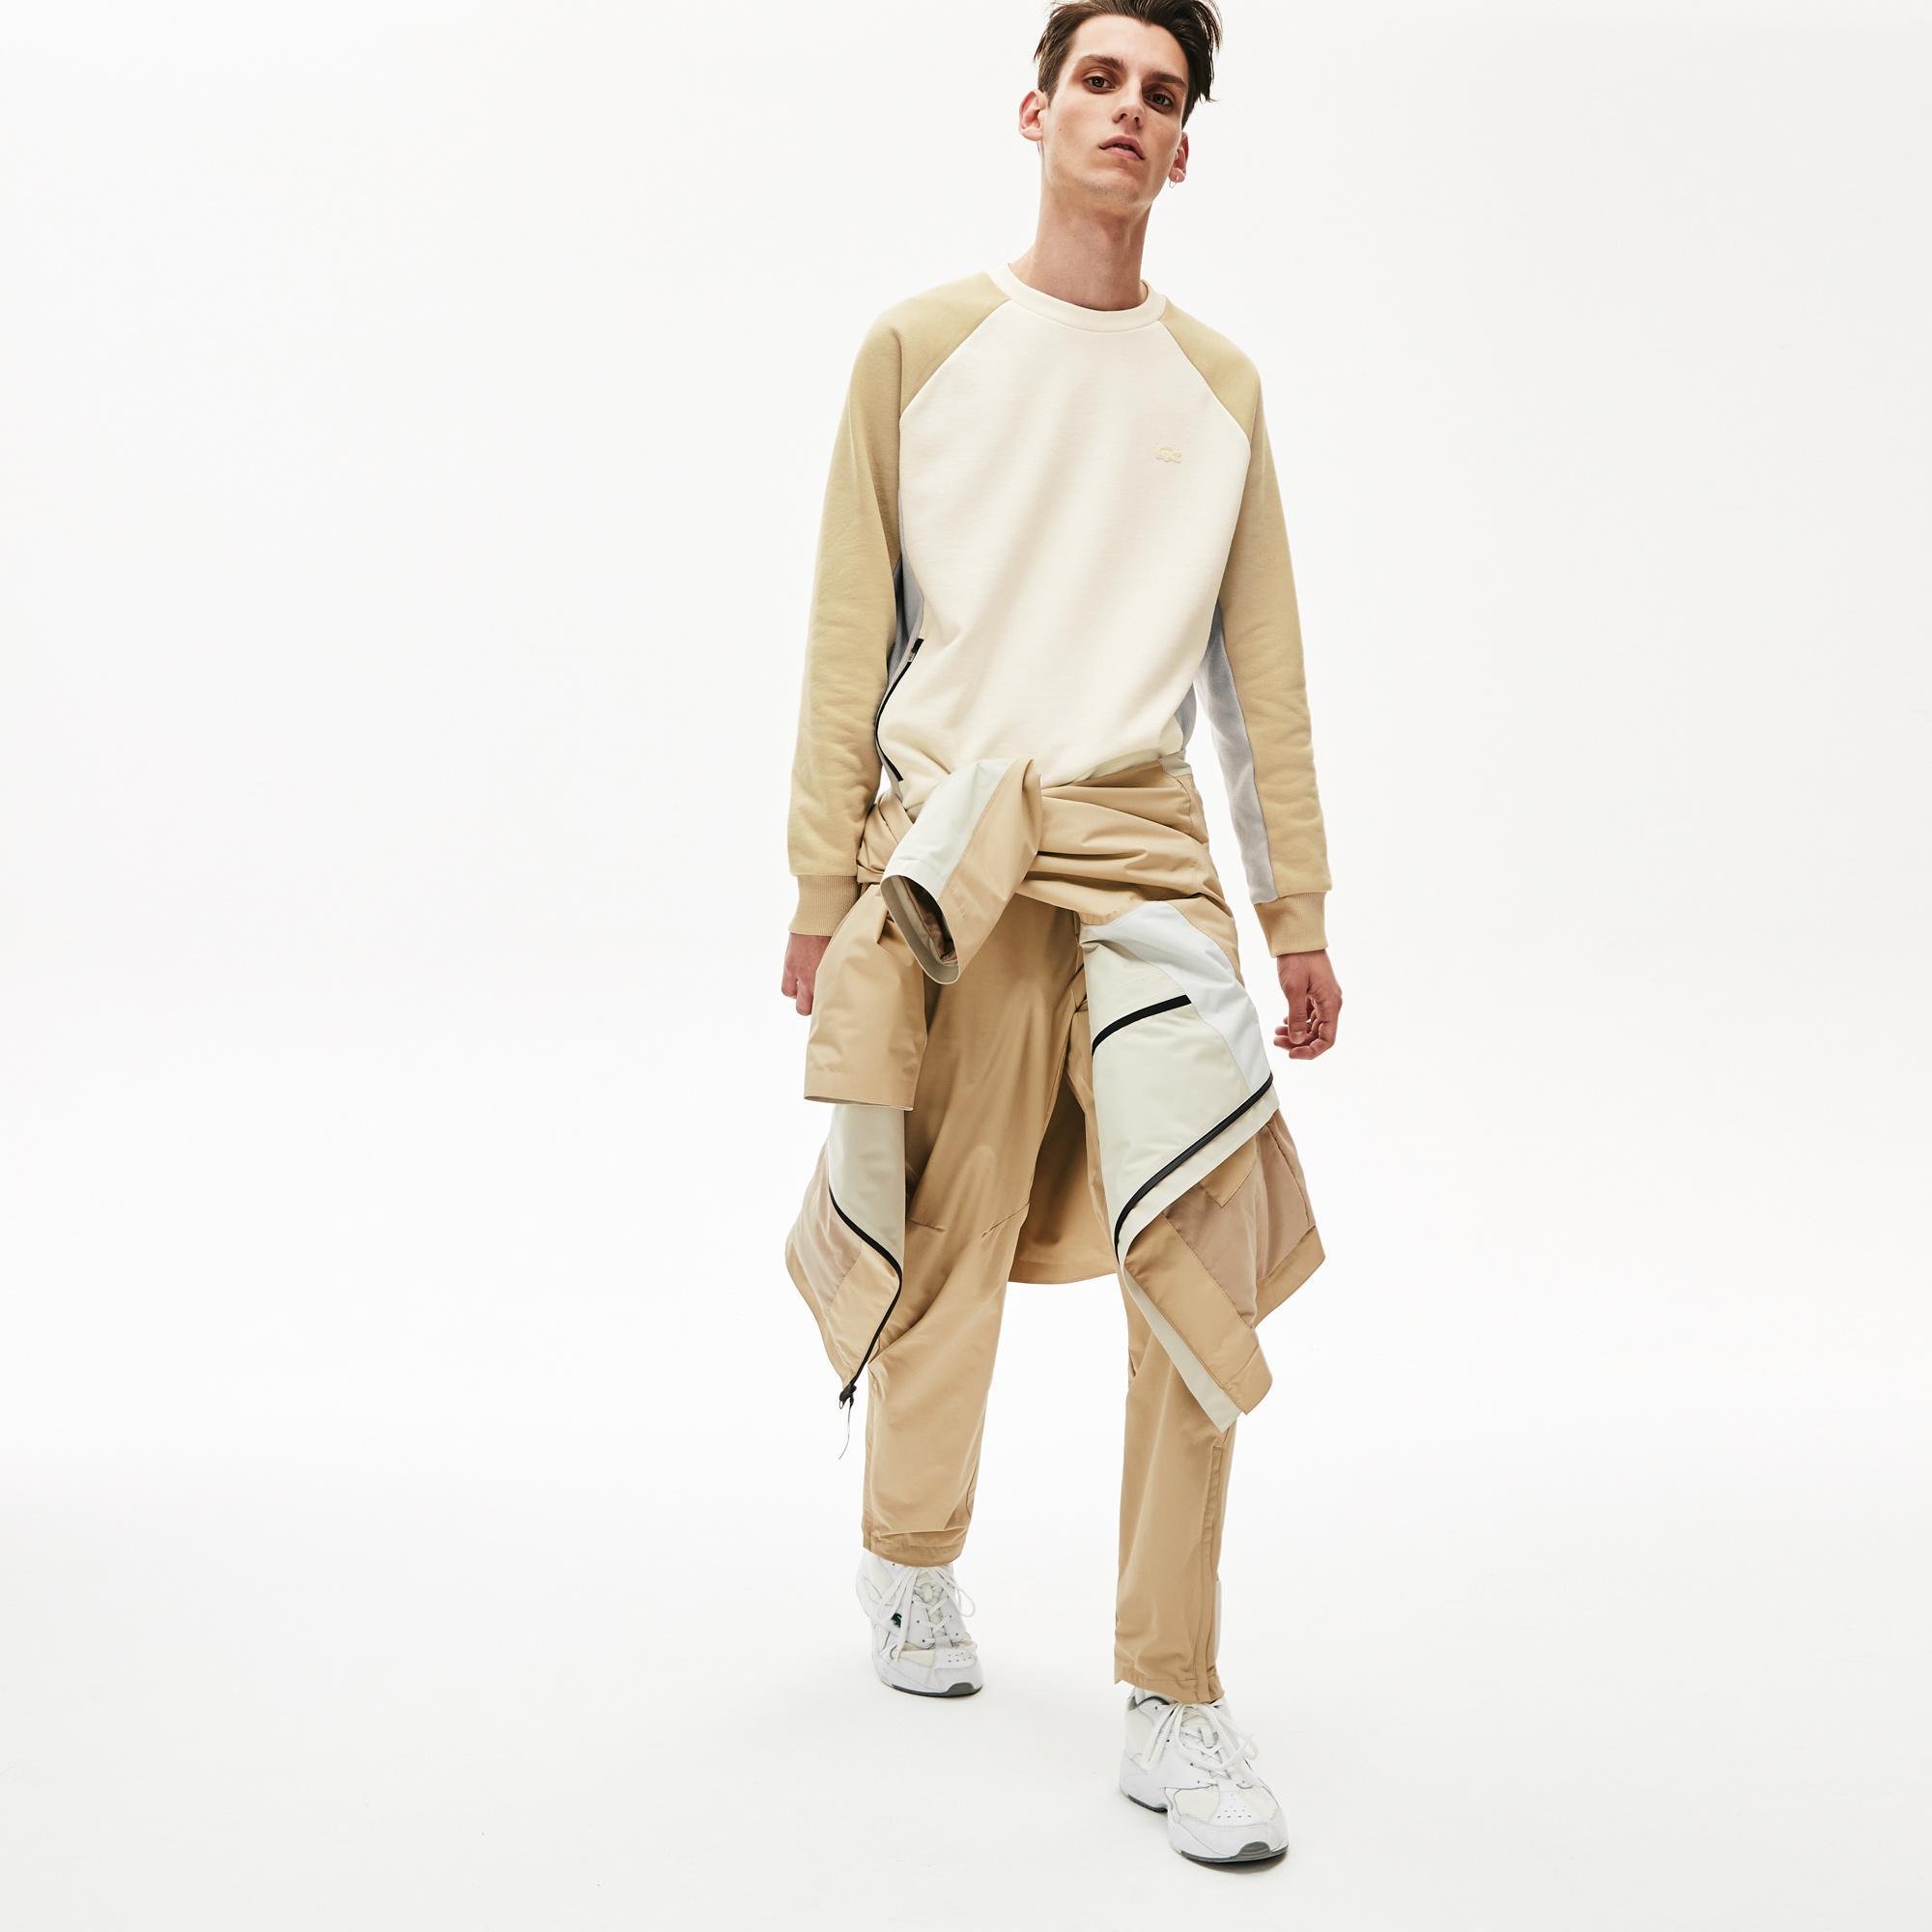 Lacoste Męska Bluza W Bloki Kolorystyczne Z Okrągłym Dekoltem Motion